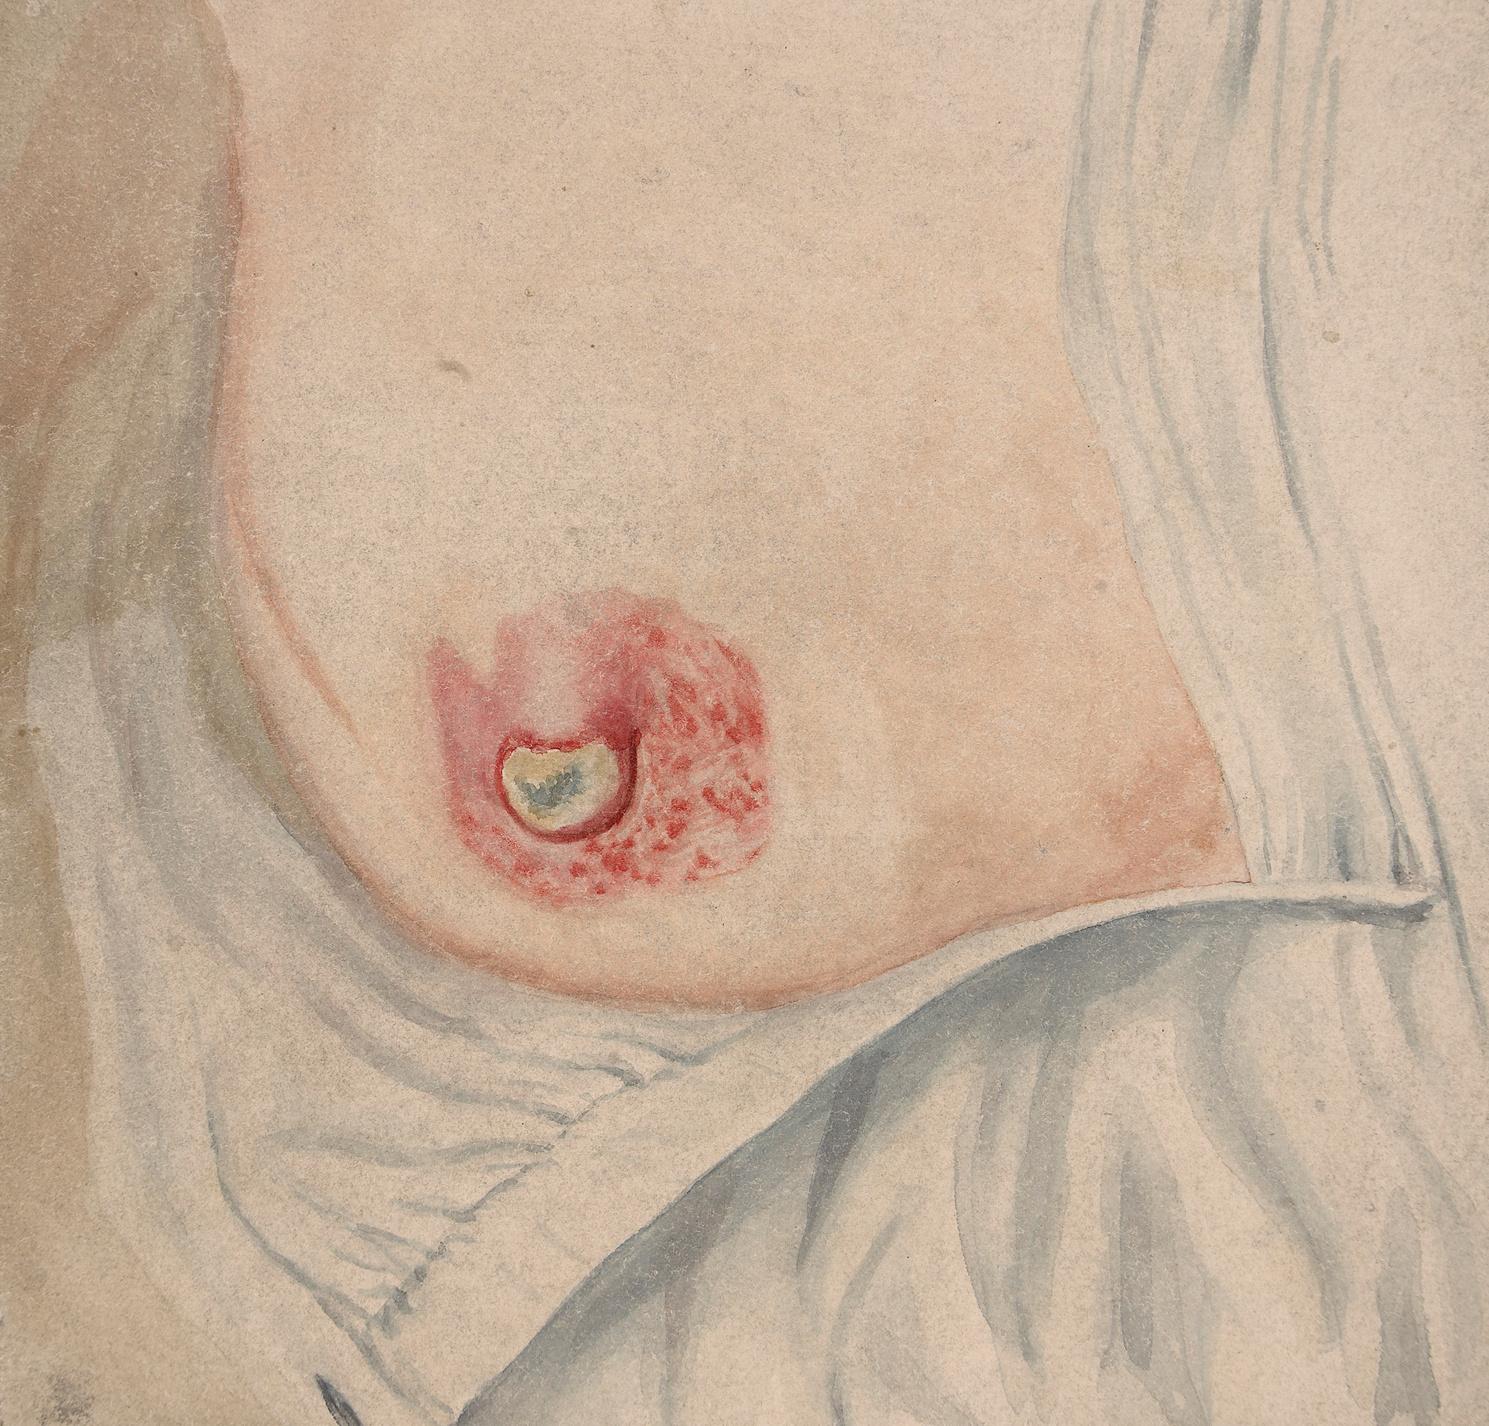 női mellbimbó rák)